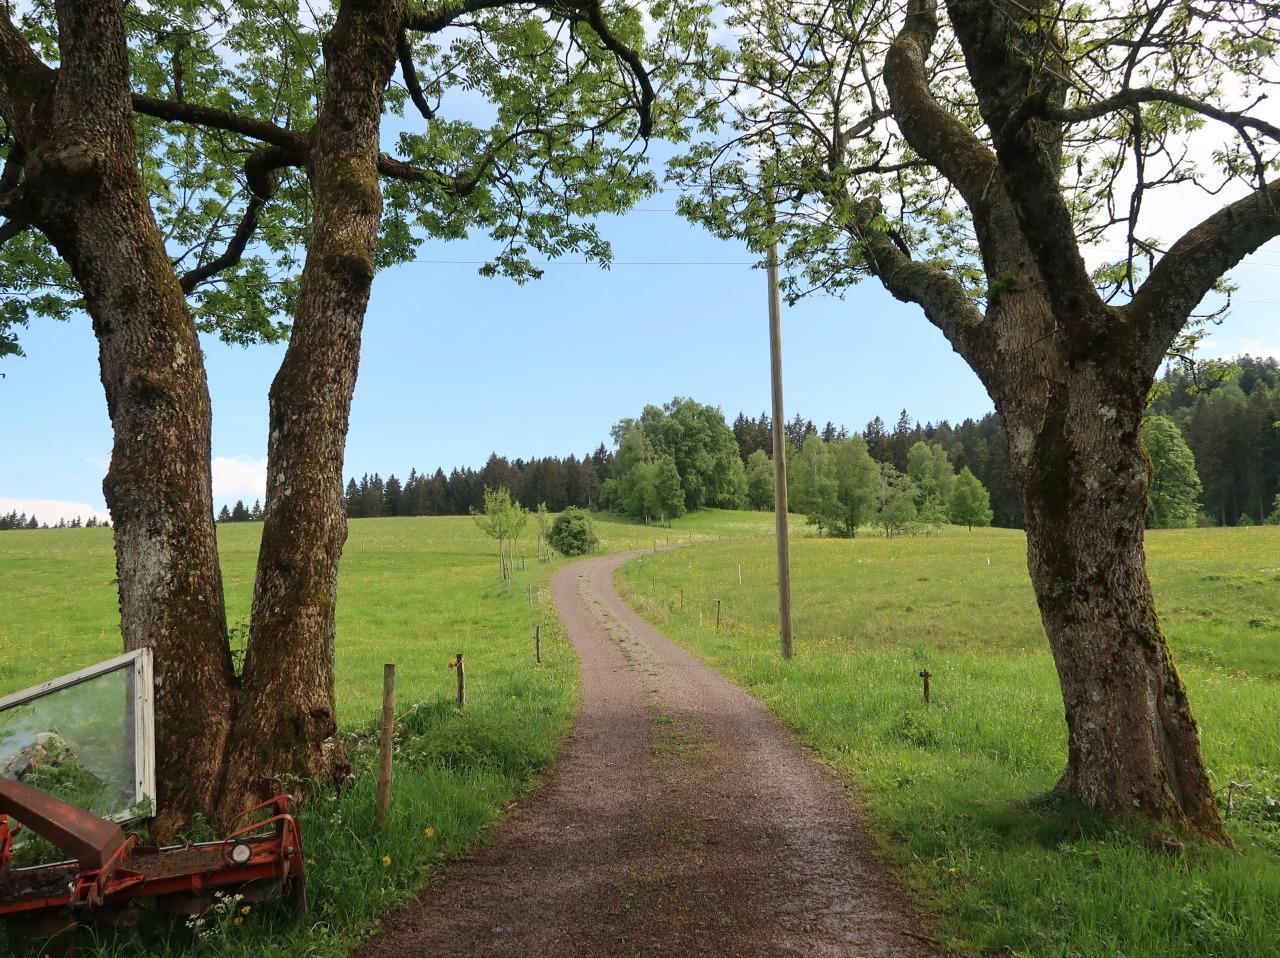 Přístup kpůdě pro agroekologické zemědělce vNěmecku